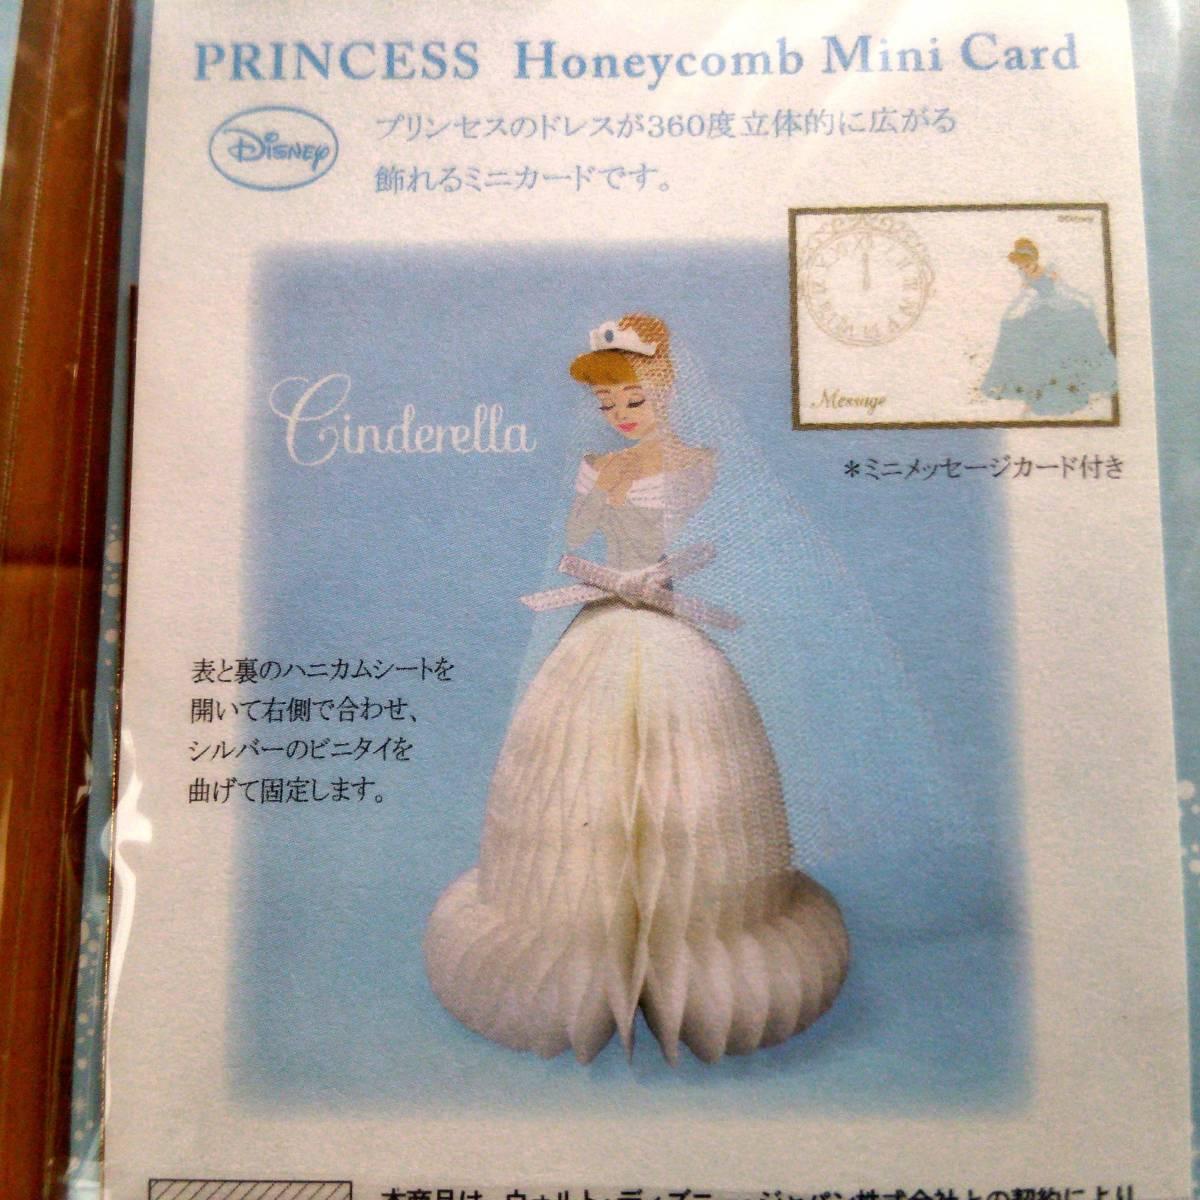 新品 プリンセス 結婚式 バースデイ 立体カード ハニカム多目的カード&ミニカード レース付き シンデレラ _画像7